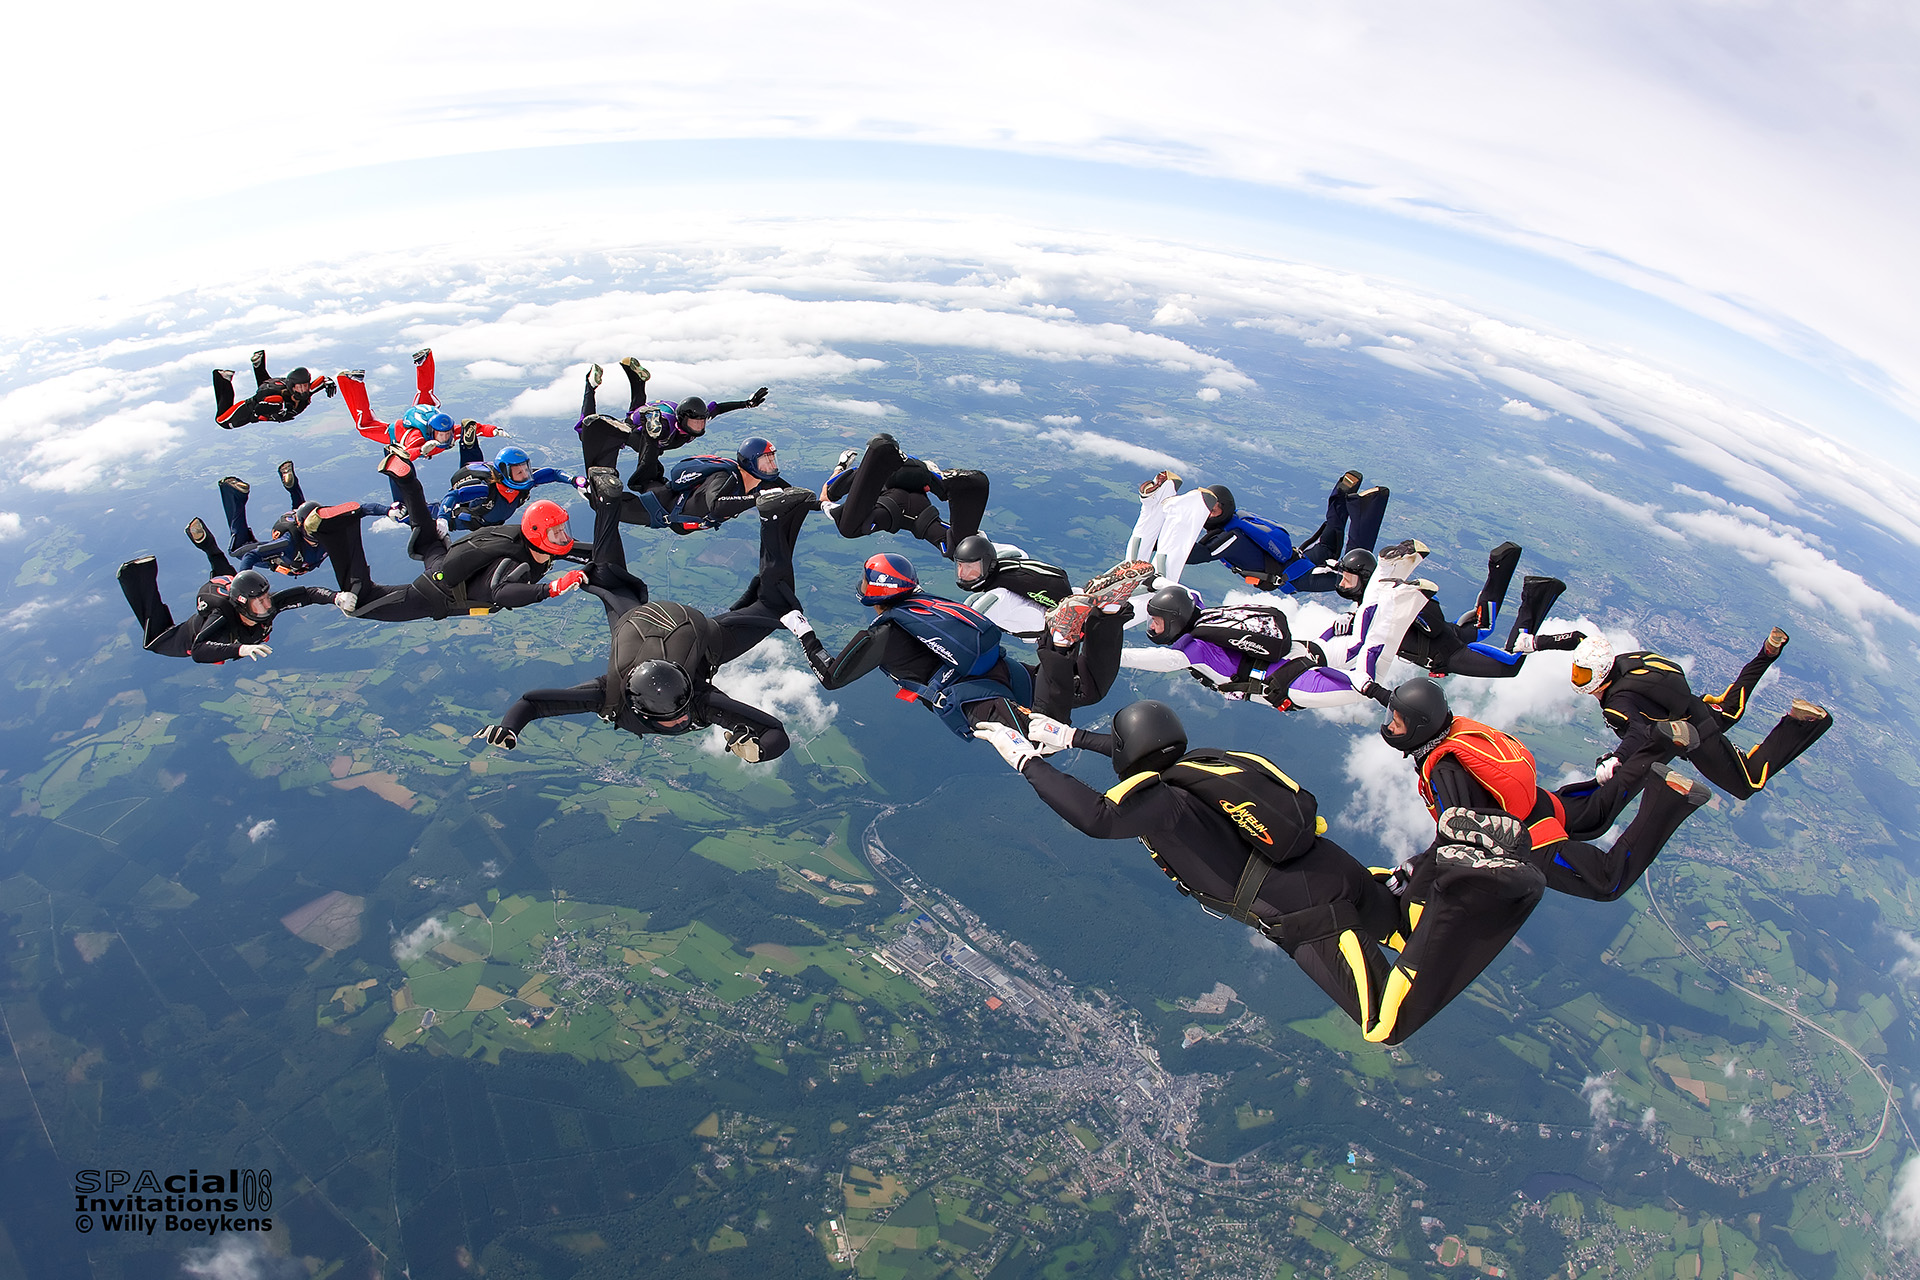 Skydive spa le saut en parachute tandem spa - Saut en parachute nevers ...